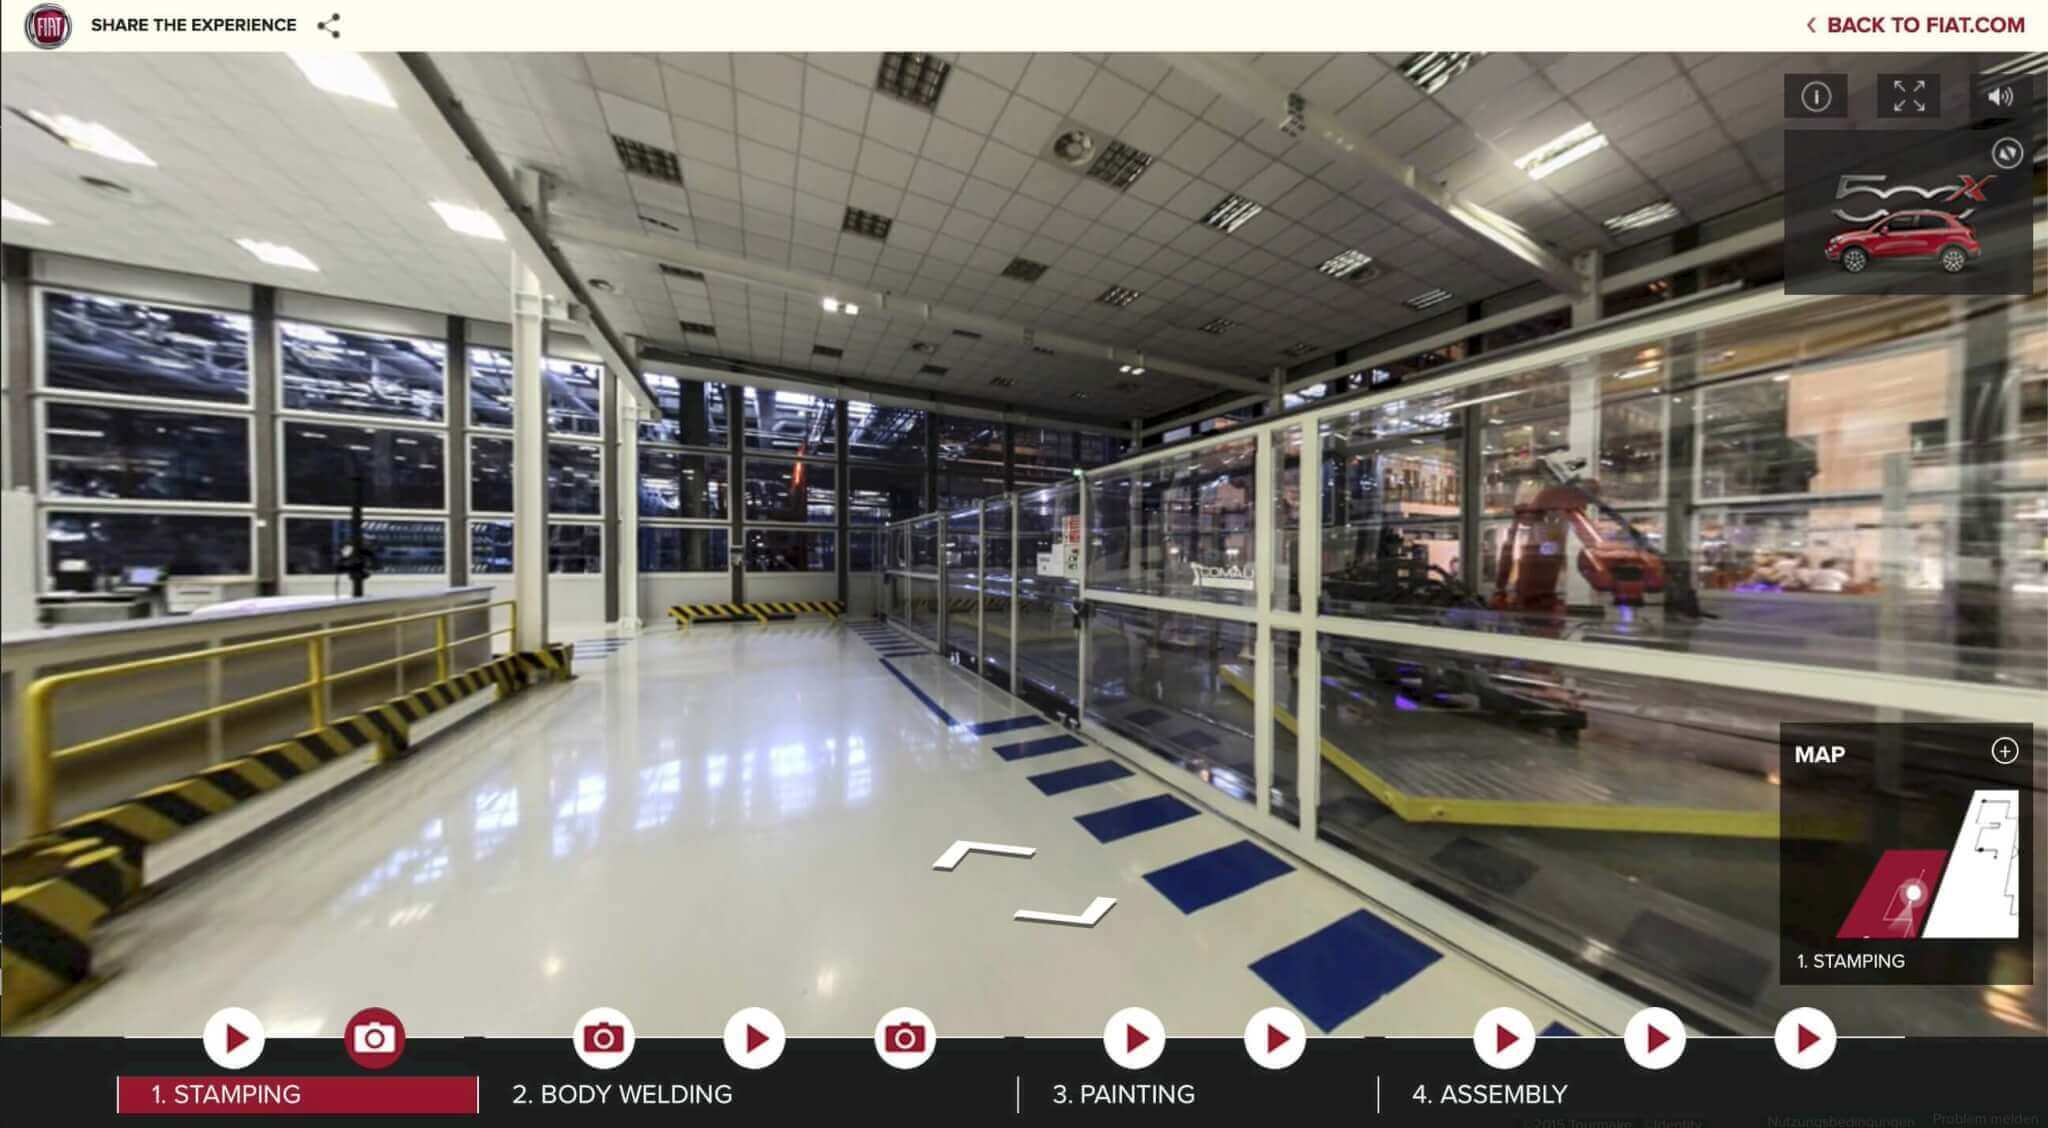 Google Street View im Fiat Werk